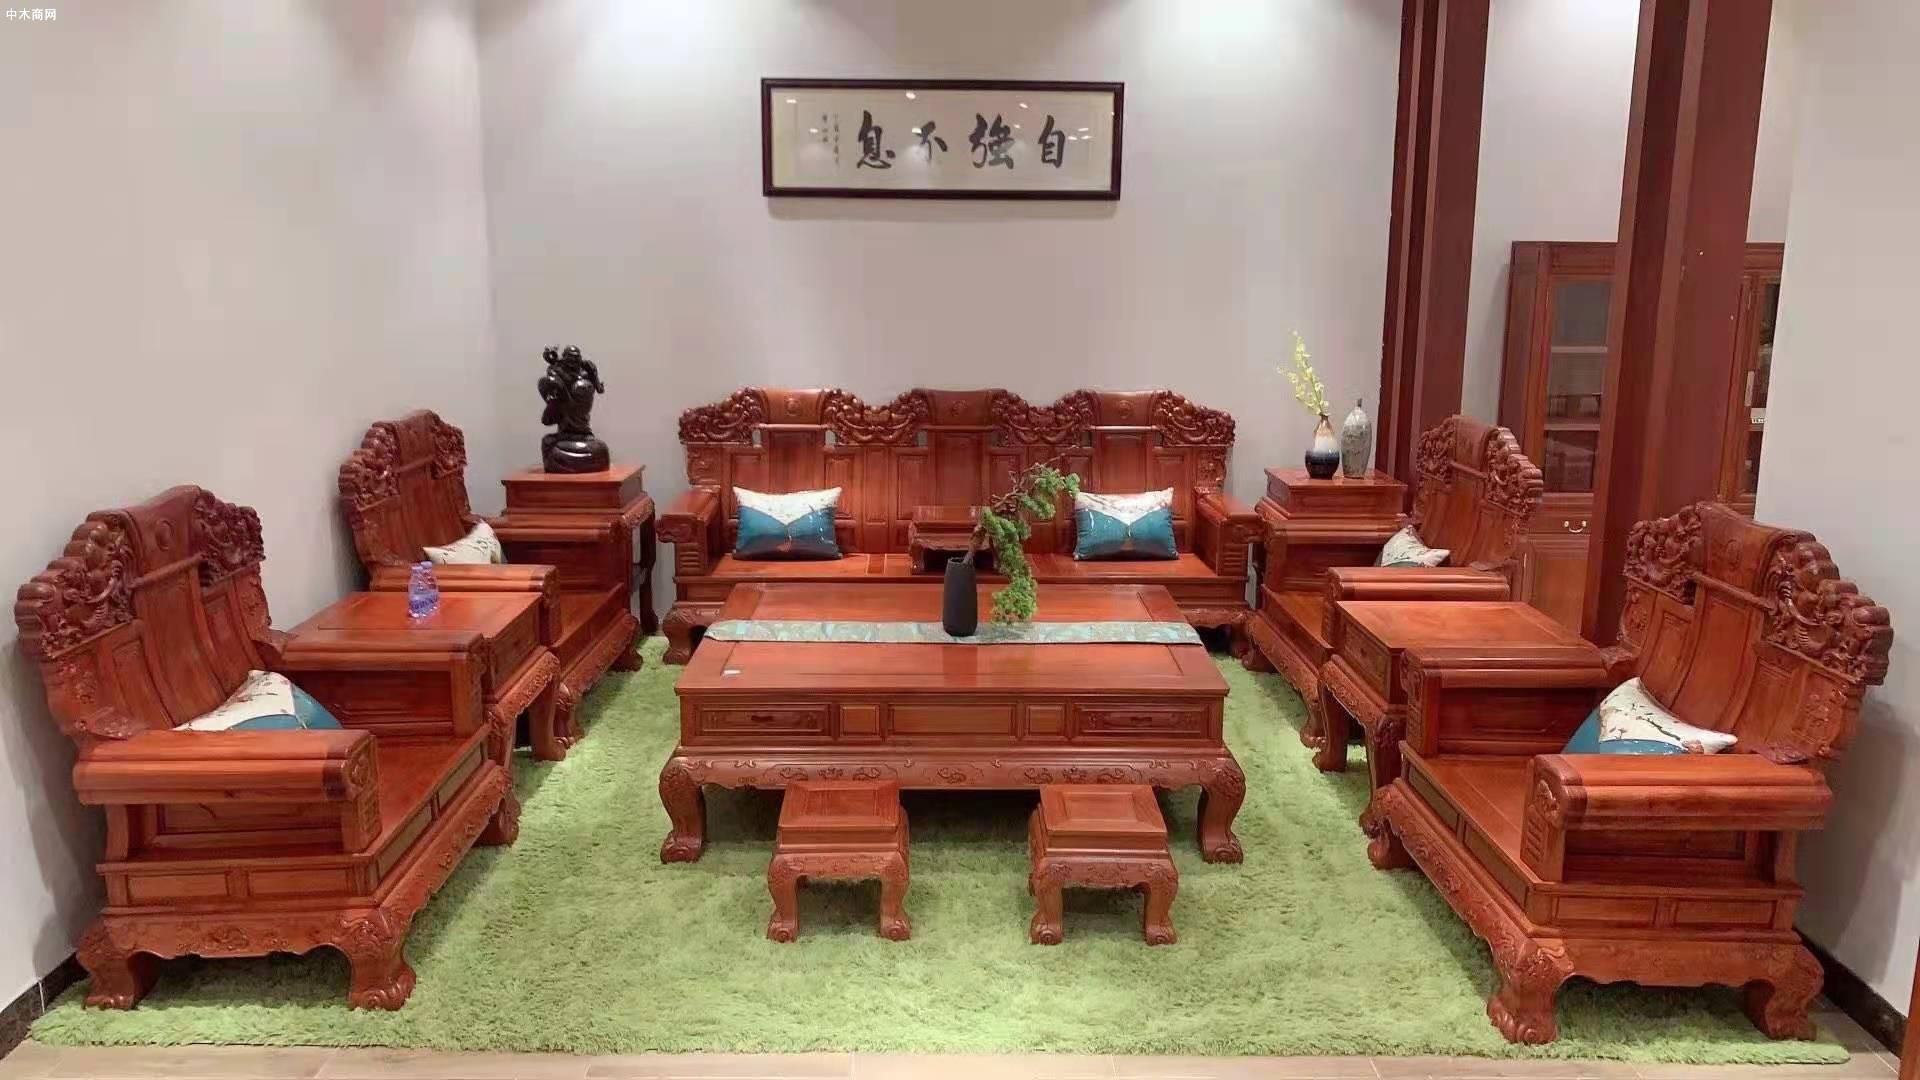 越南家具业受关税壁垒的影响